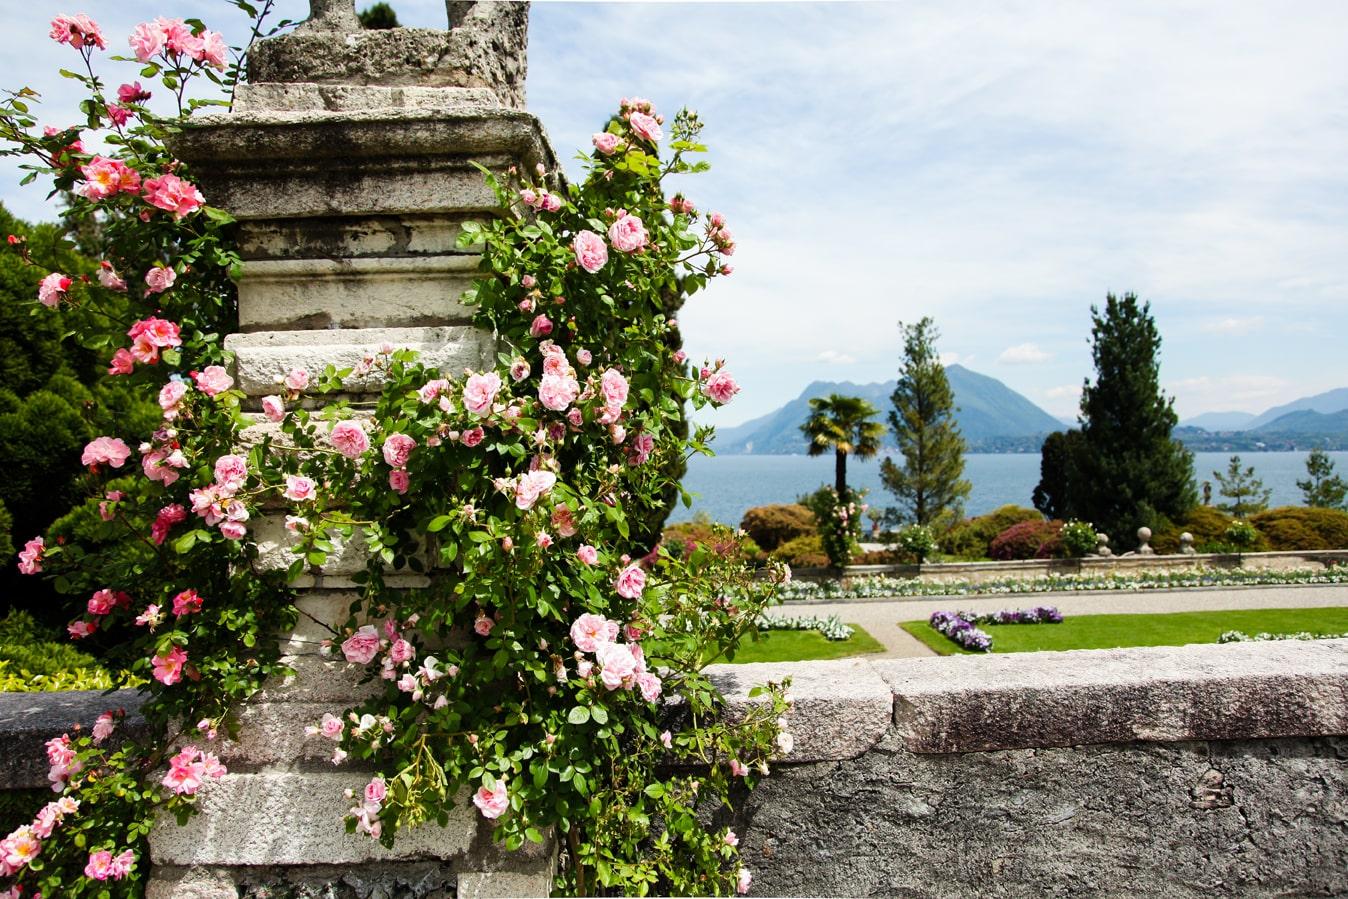 архитектура Италии, экскурсии из Милана, экскурсии в Италии, сады Италии